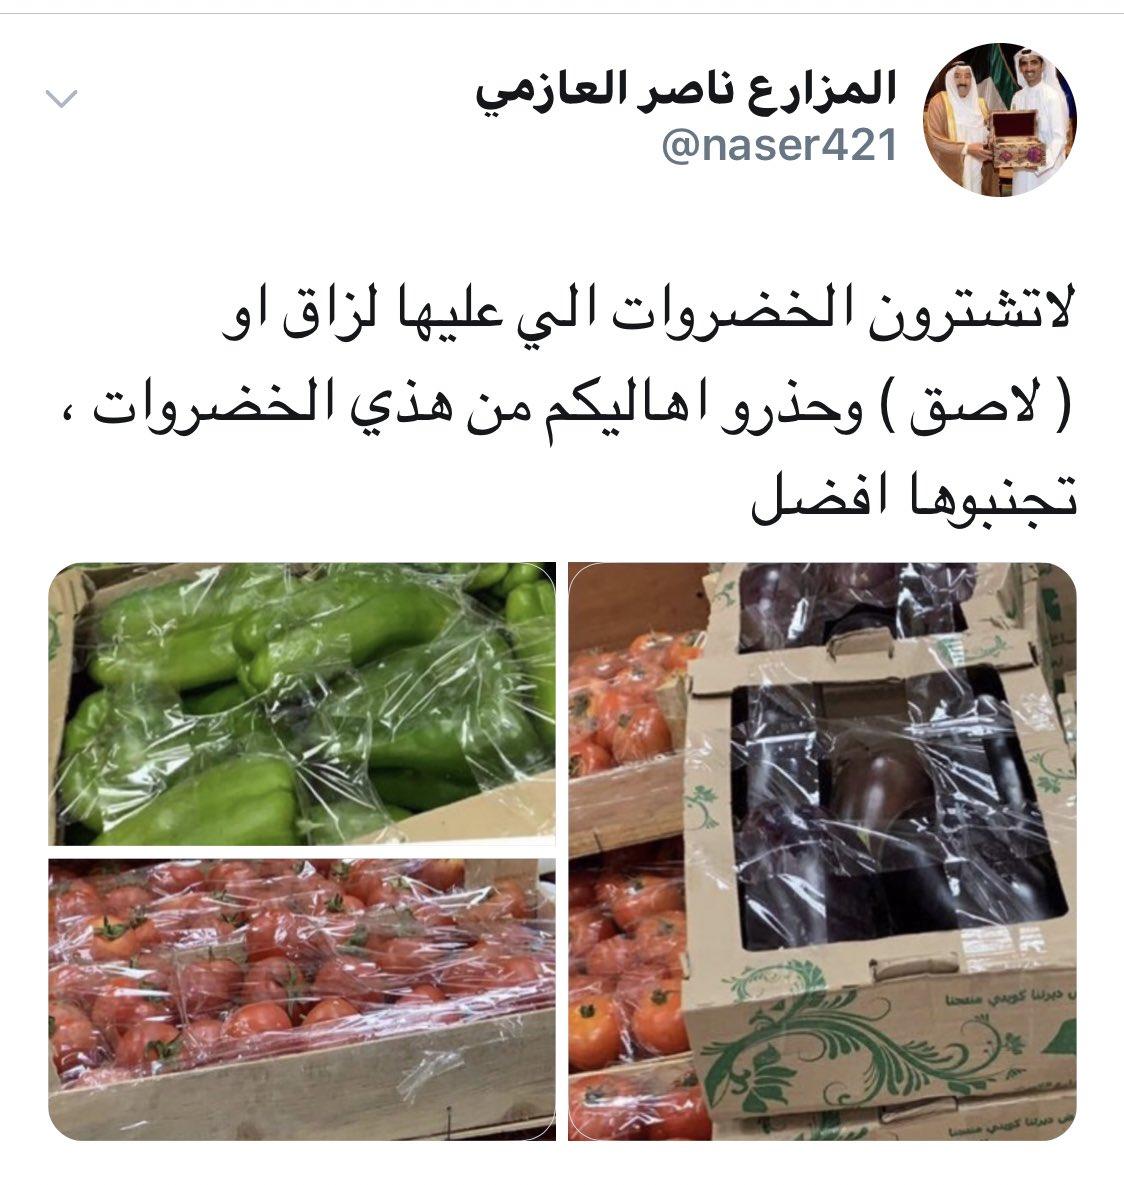 المزارع ناصر العازمي وتحذيره من الخضروات@naser421